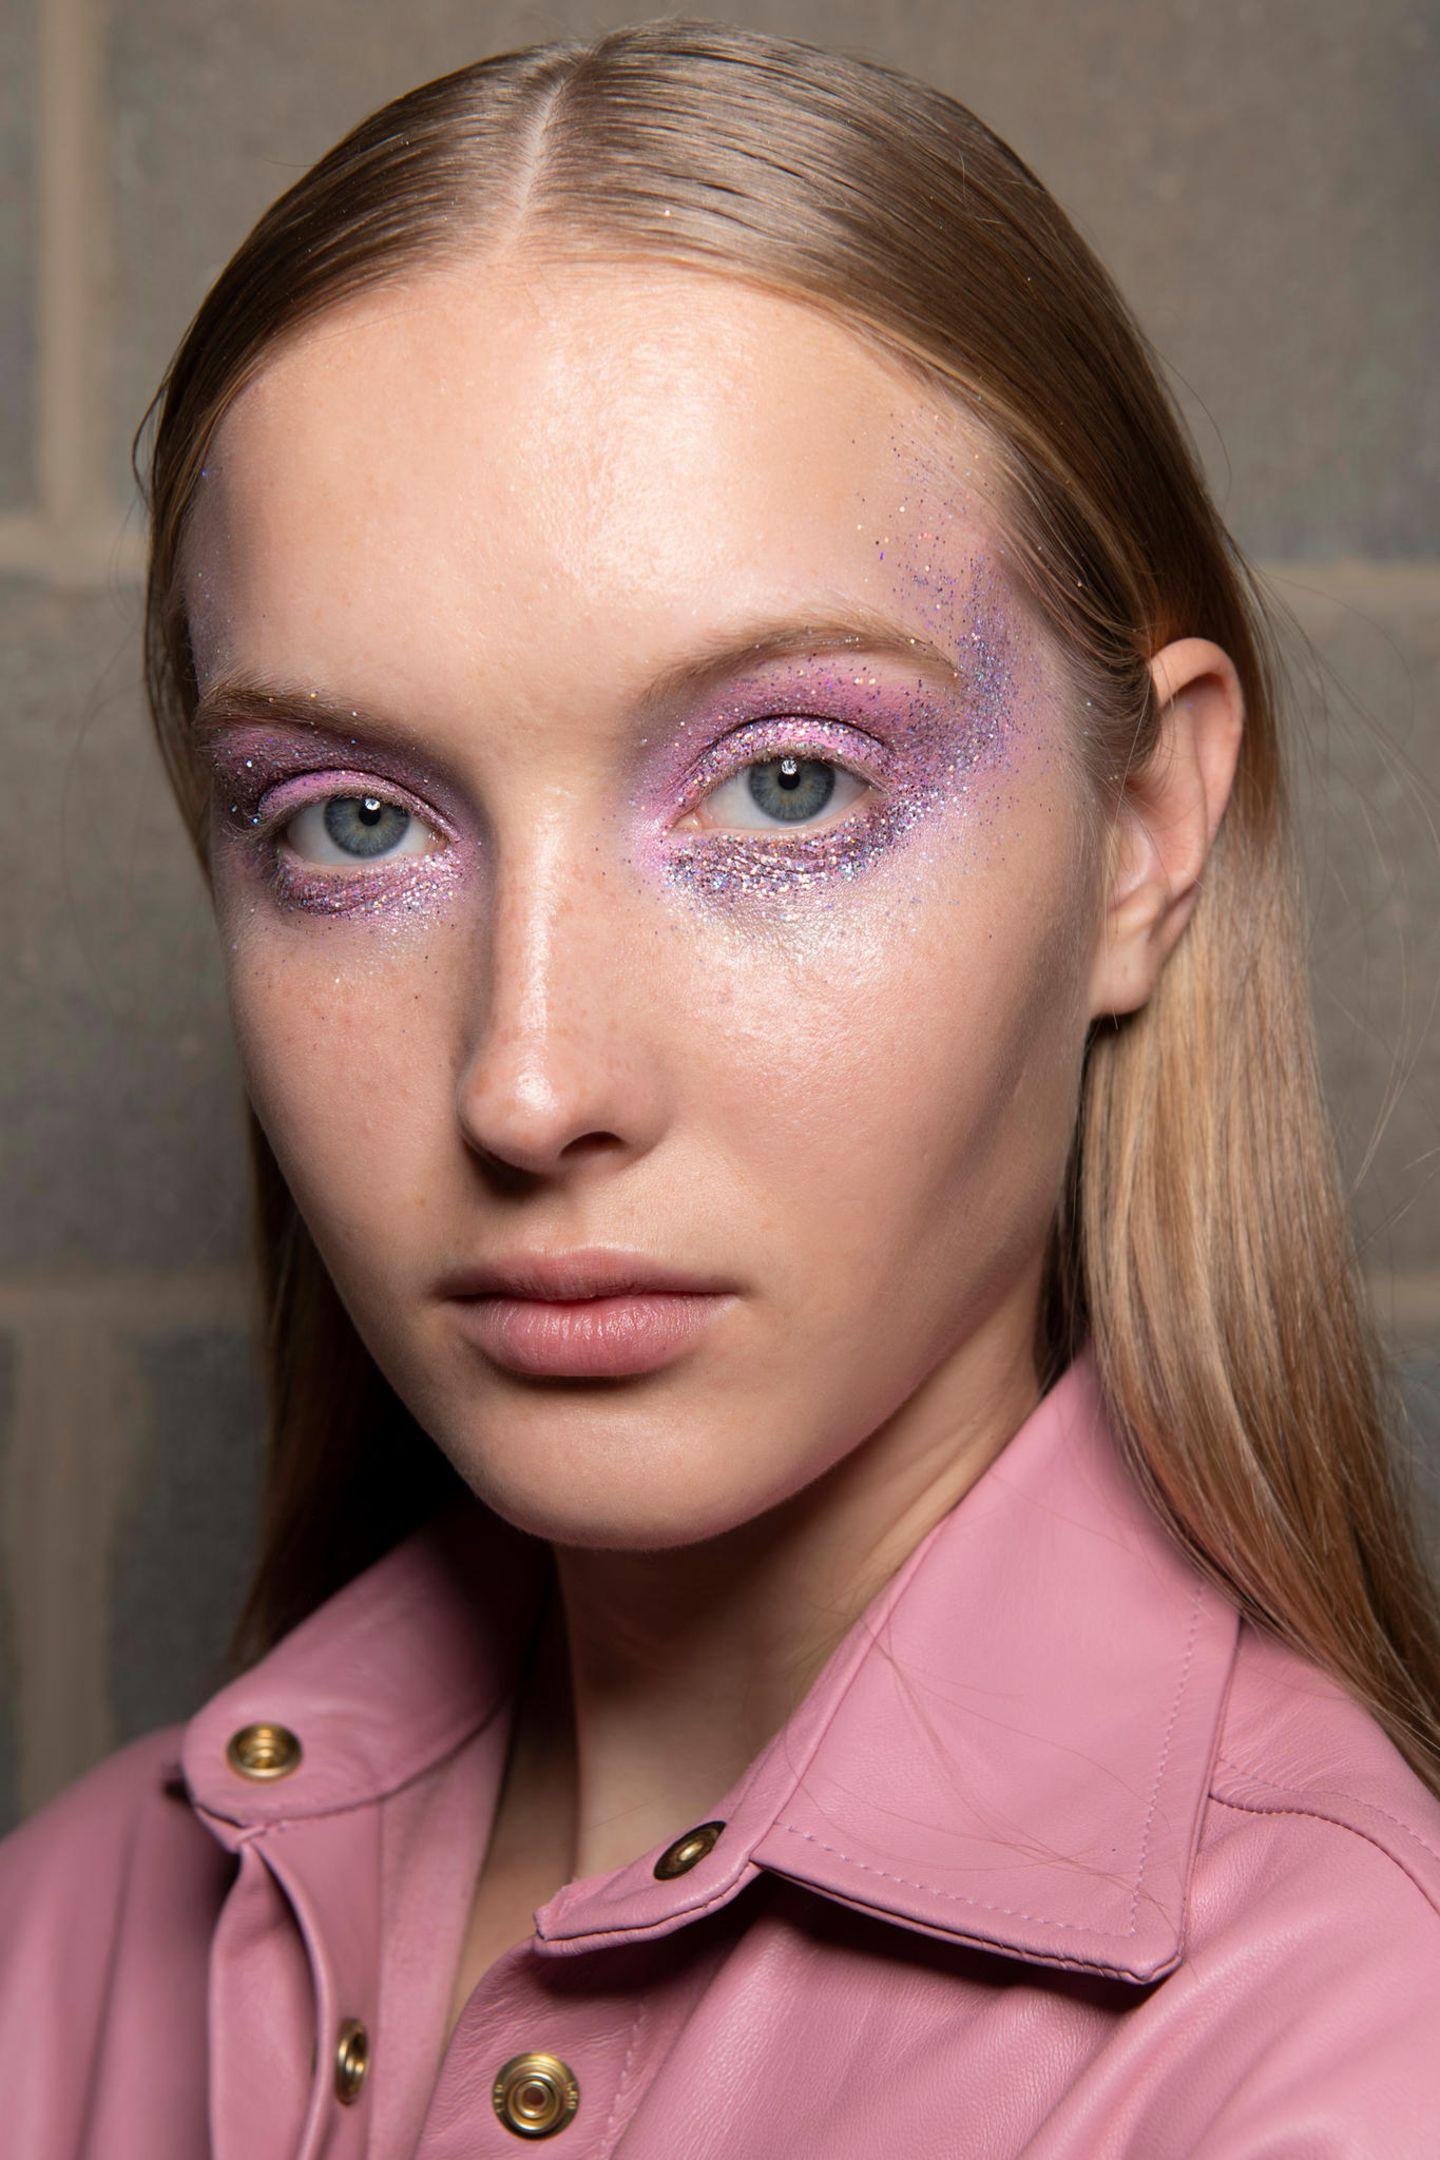 Ein hübscher Violettton auf den Lidern steht besonders Dunkelblonden gut. Violett-Nuancen, die eher ins bläuliche gehen, passen super zu Hellblonden mit blauen Augen, Töne mit bräunlichen Nuancen eher zu dunkleren Blondtönen.